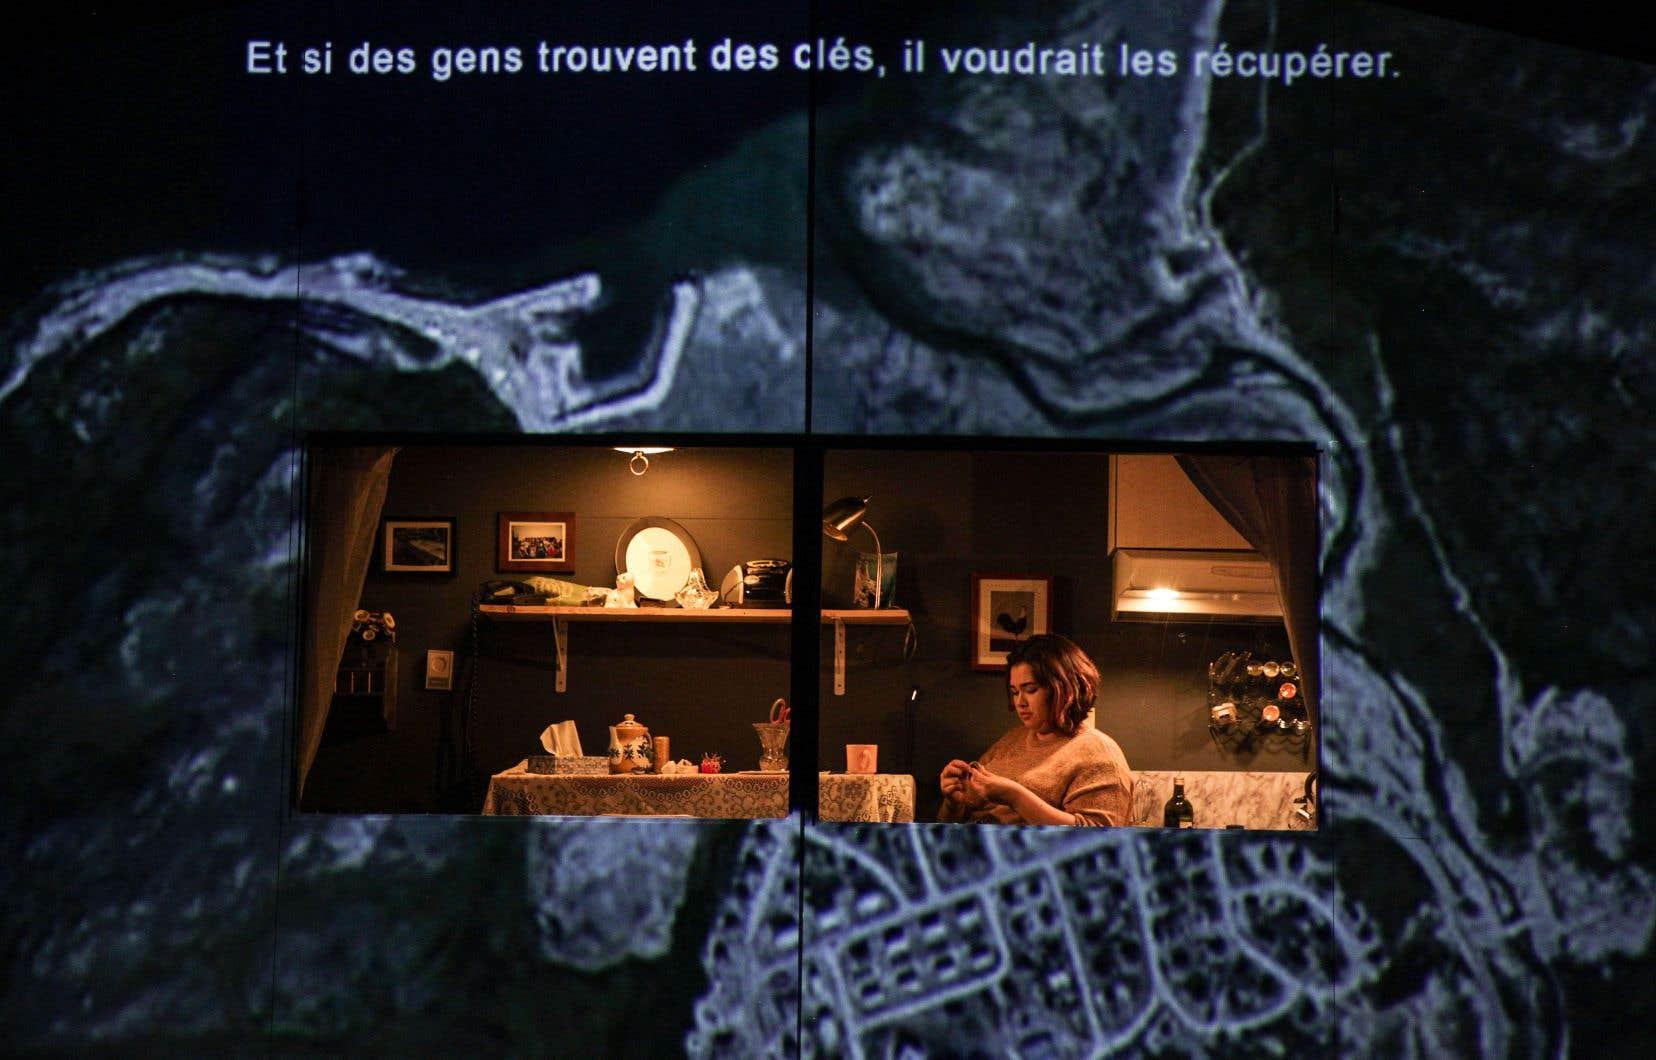 Sur scène, à l'intérieur et autour d'une maison sur laquelle sont projetées des images de paysages nordiques, Hannah Tooktoo interagit sobrement avec le documentaire audio.